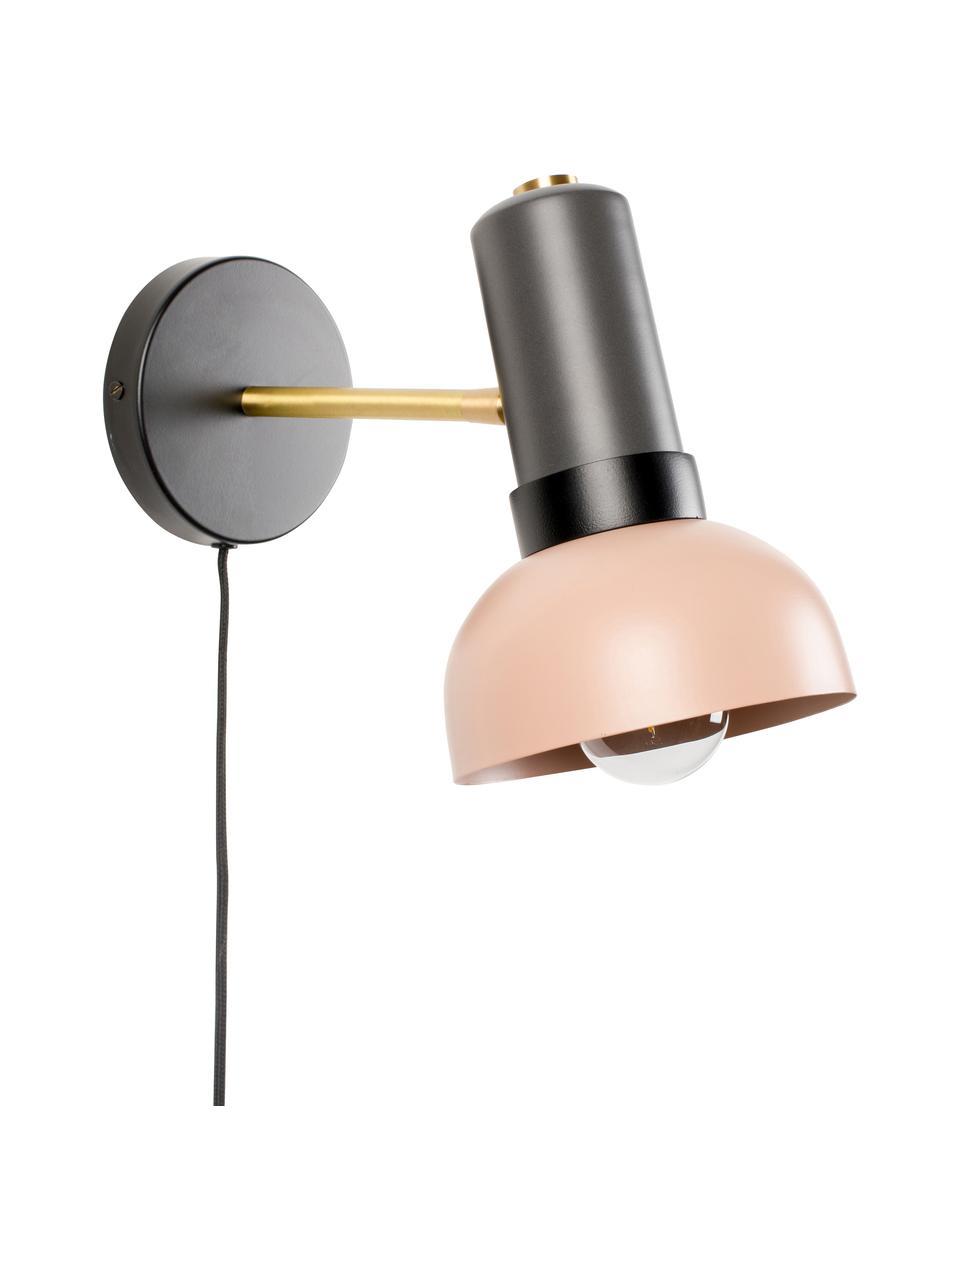 Wandleuchte Charlie mit Stecker, Lampenschirm: Metall, beschichtet, Dekor: Metall, beschichtet, Grau, Rosa, 15 x 21 cm